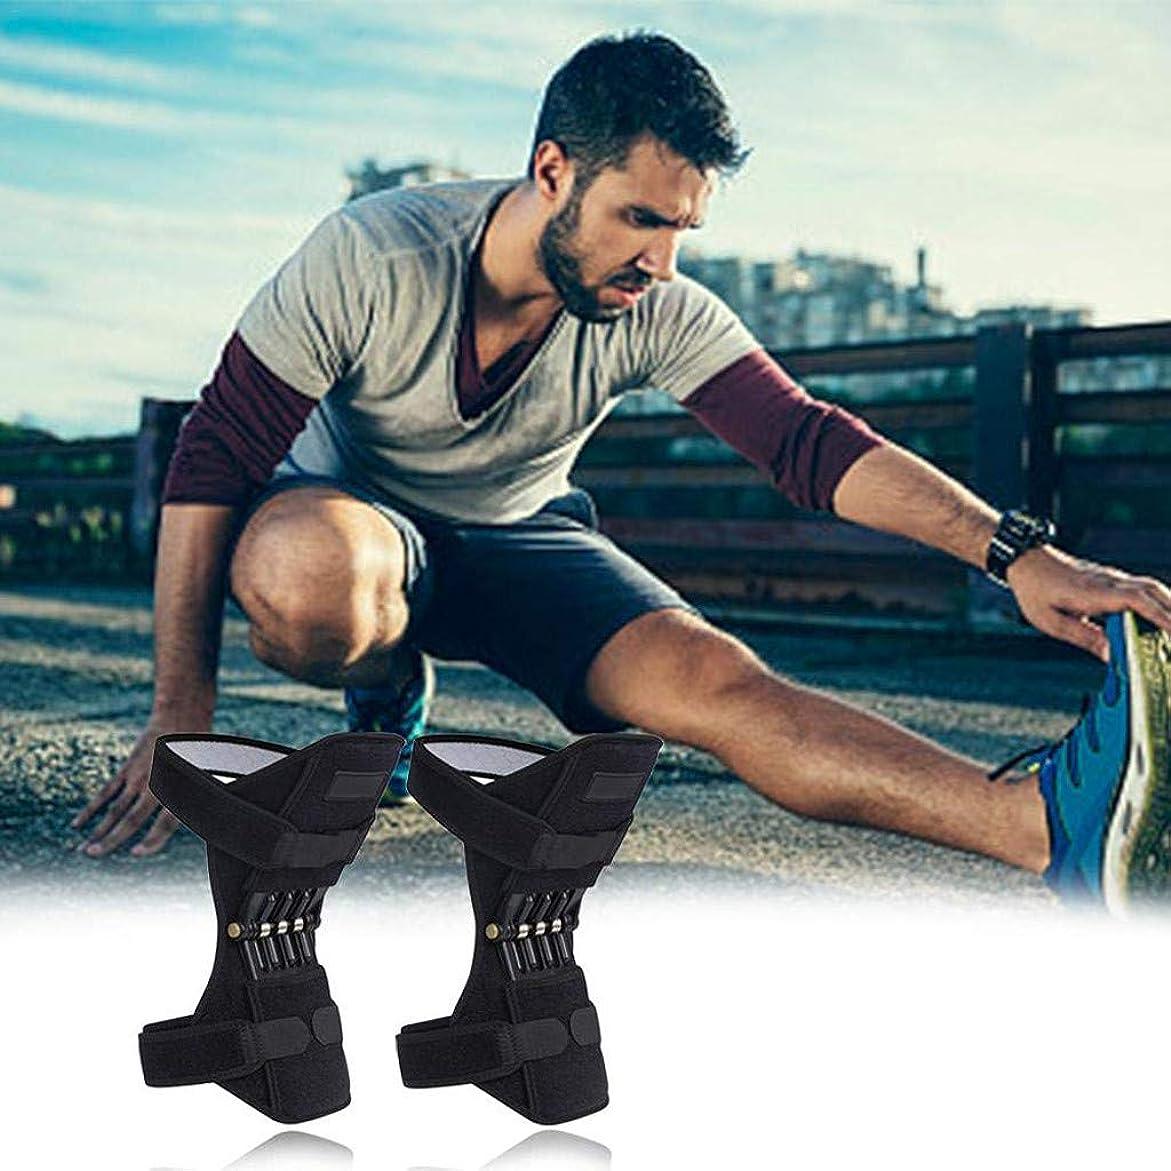 動かす疼痛閃光膝装具、パワーリフトジョイントサポート膝パッド鎮痛および傷害回復のための強力なリバウンドスプリングフォースブースター、通気性、滑り止め、半月板の涙、ACL、MCL損傷、エクササイズ、ランニング (ブラック)